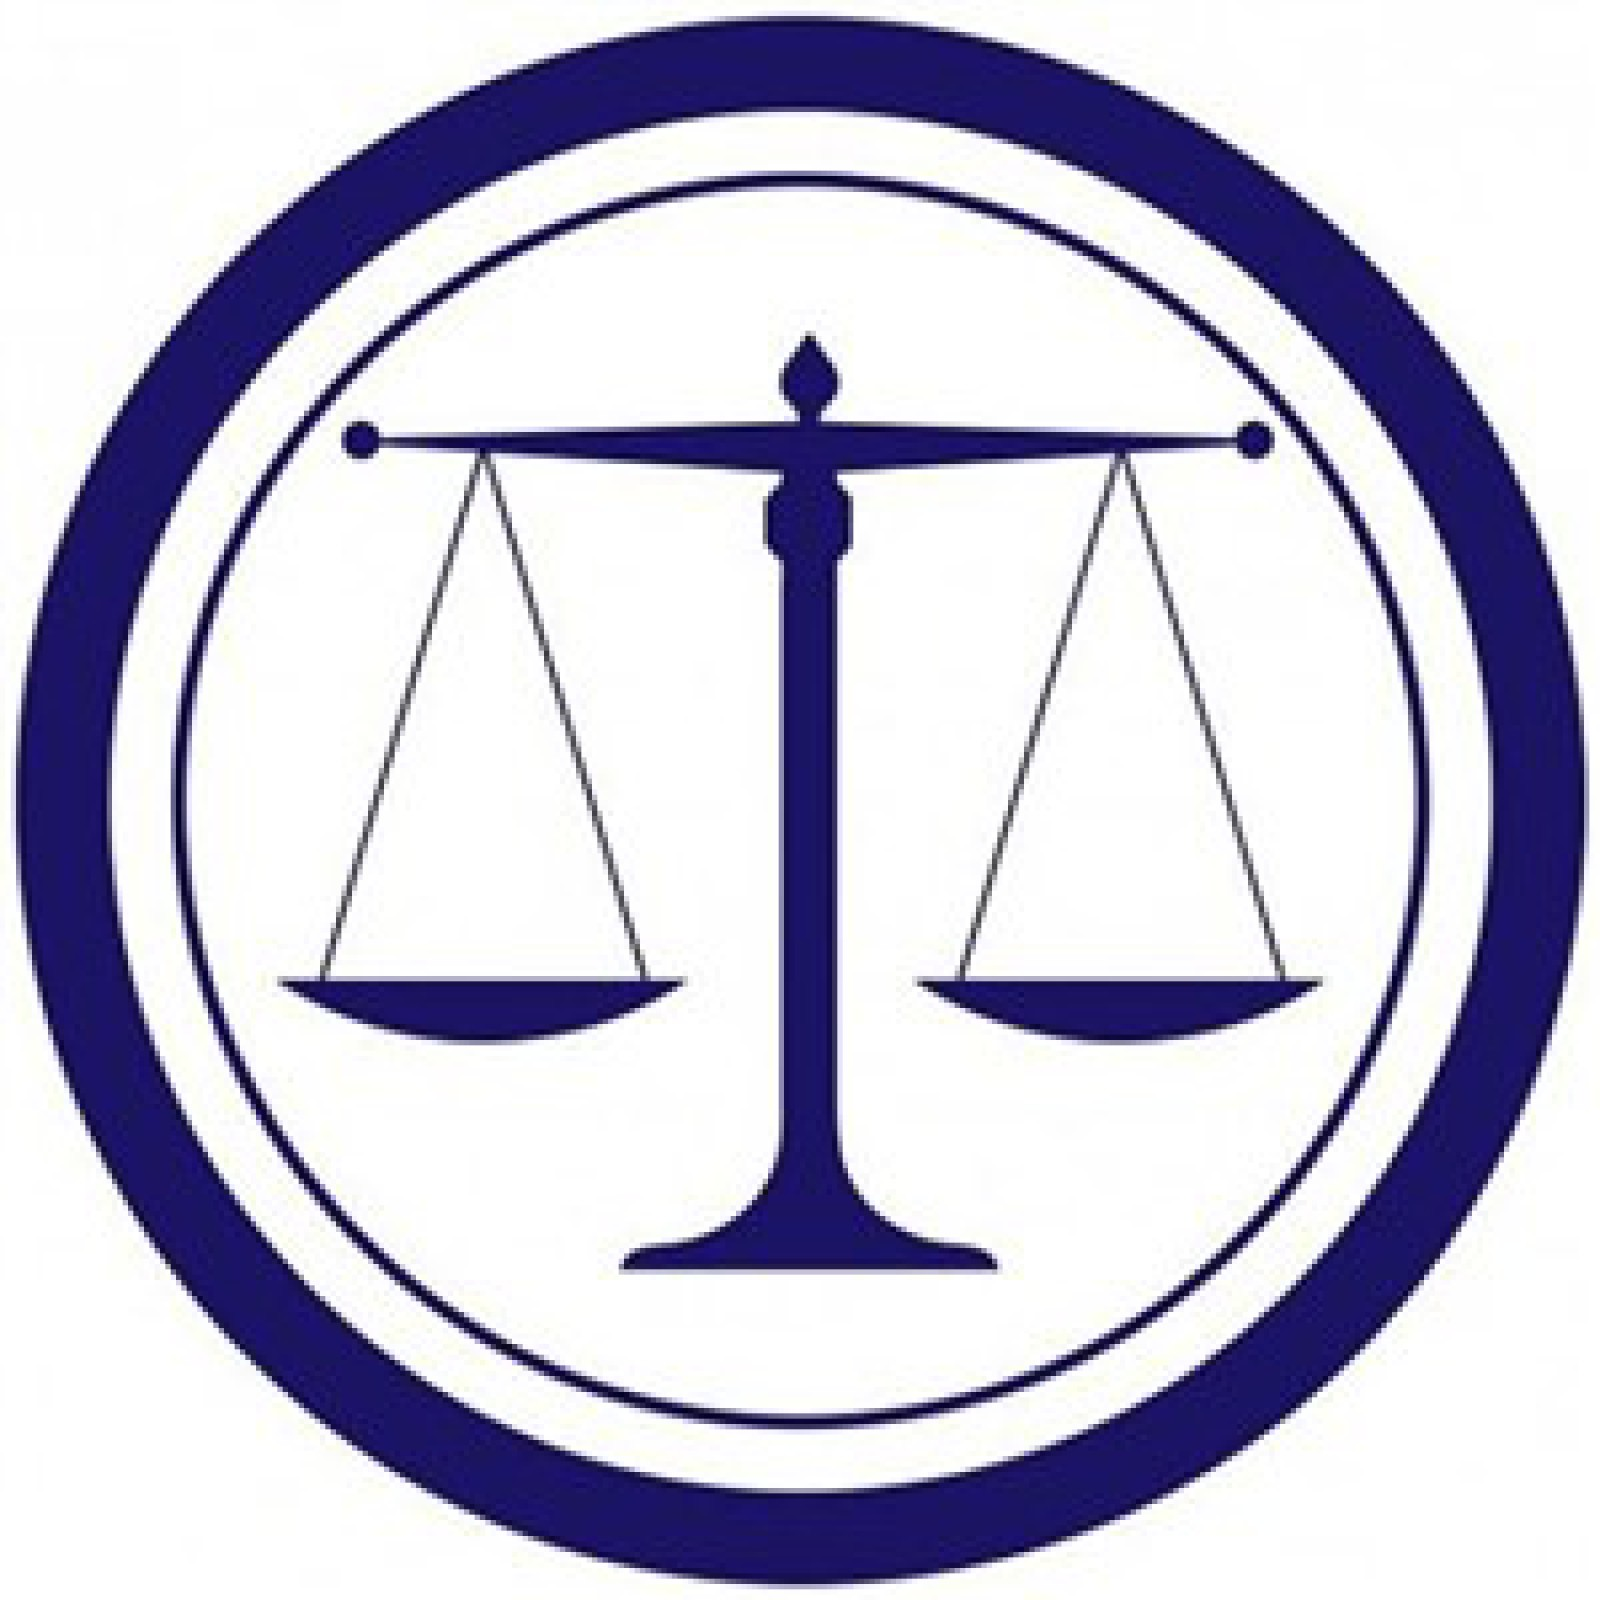 Legittima difesa, in vigore la normativa